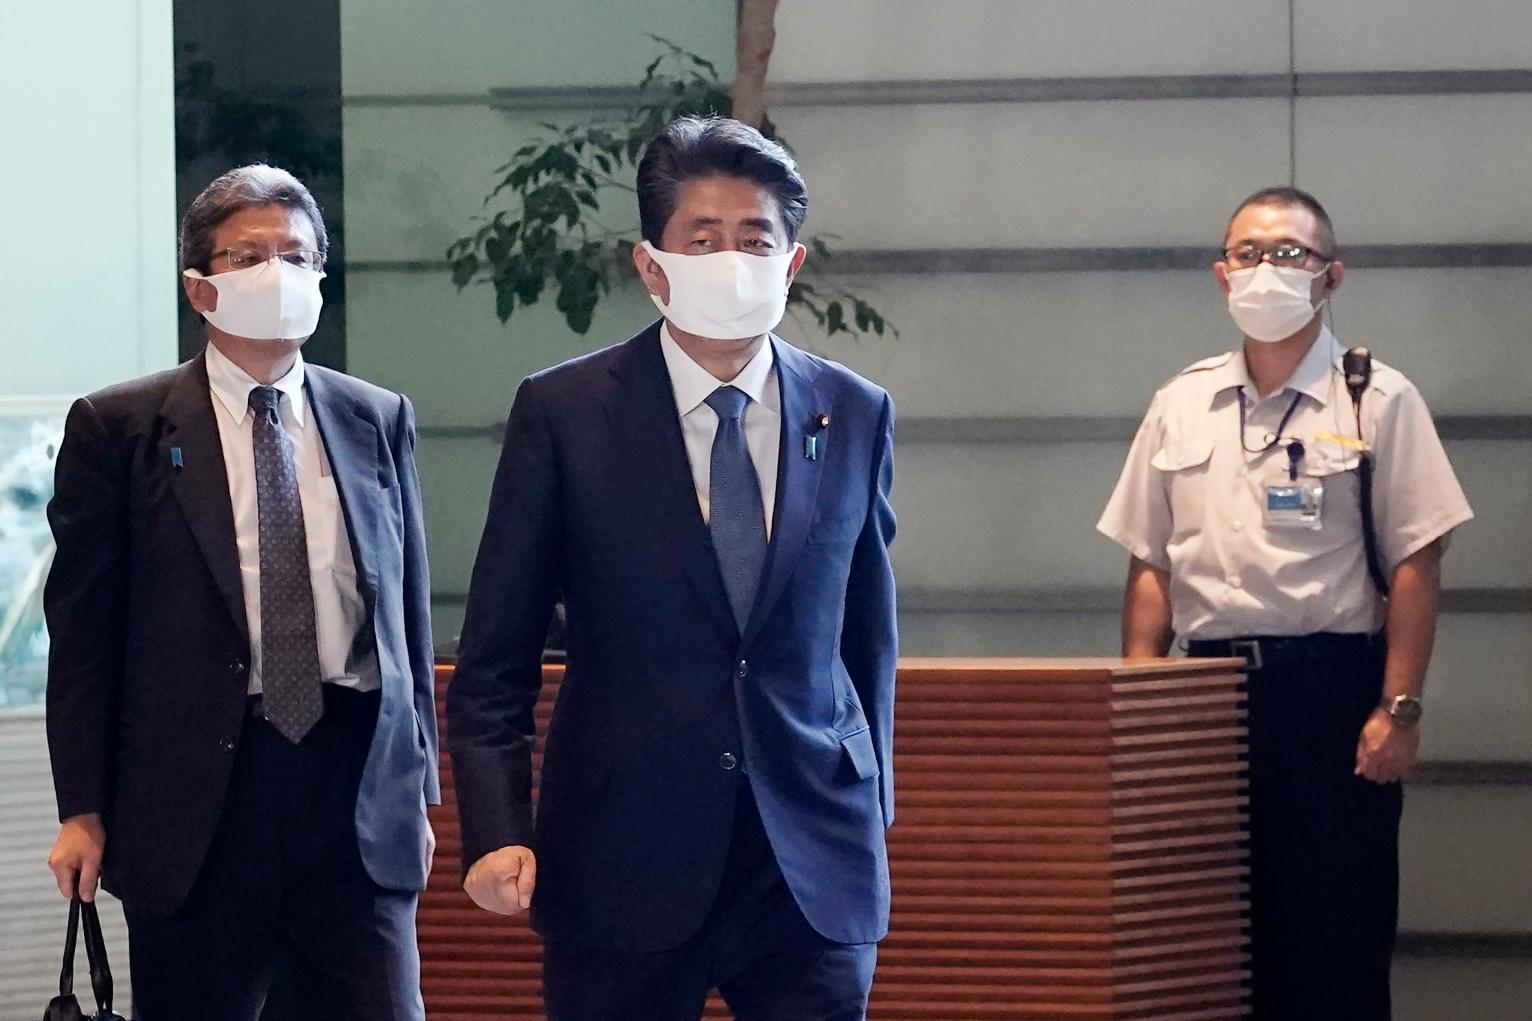 Japanese PM Abe resigned